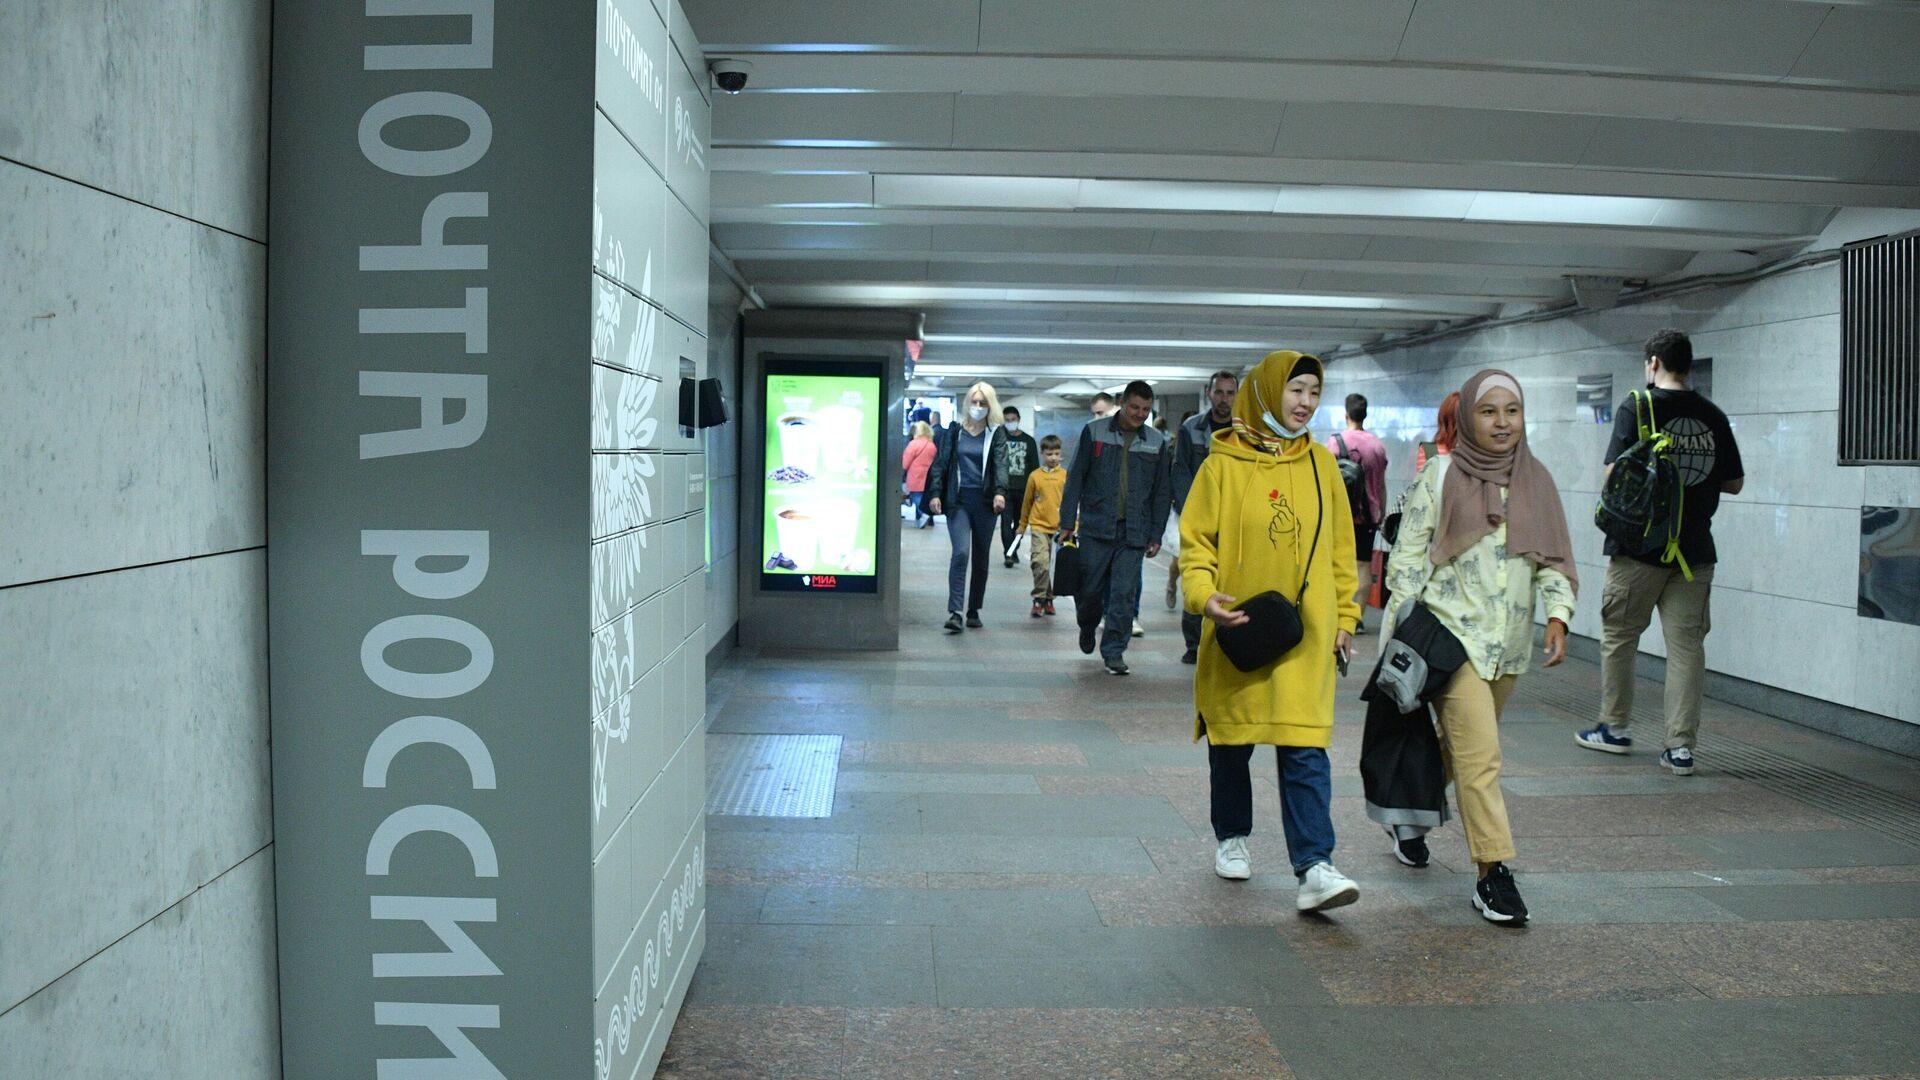 Почтомат Почты России в подземном переходе у станции метро Пушкинская в Москве - РИА Новости, 1920, 20.09.2021